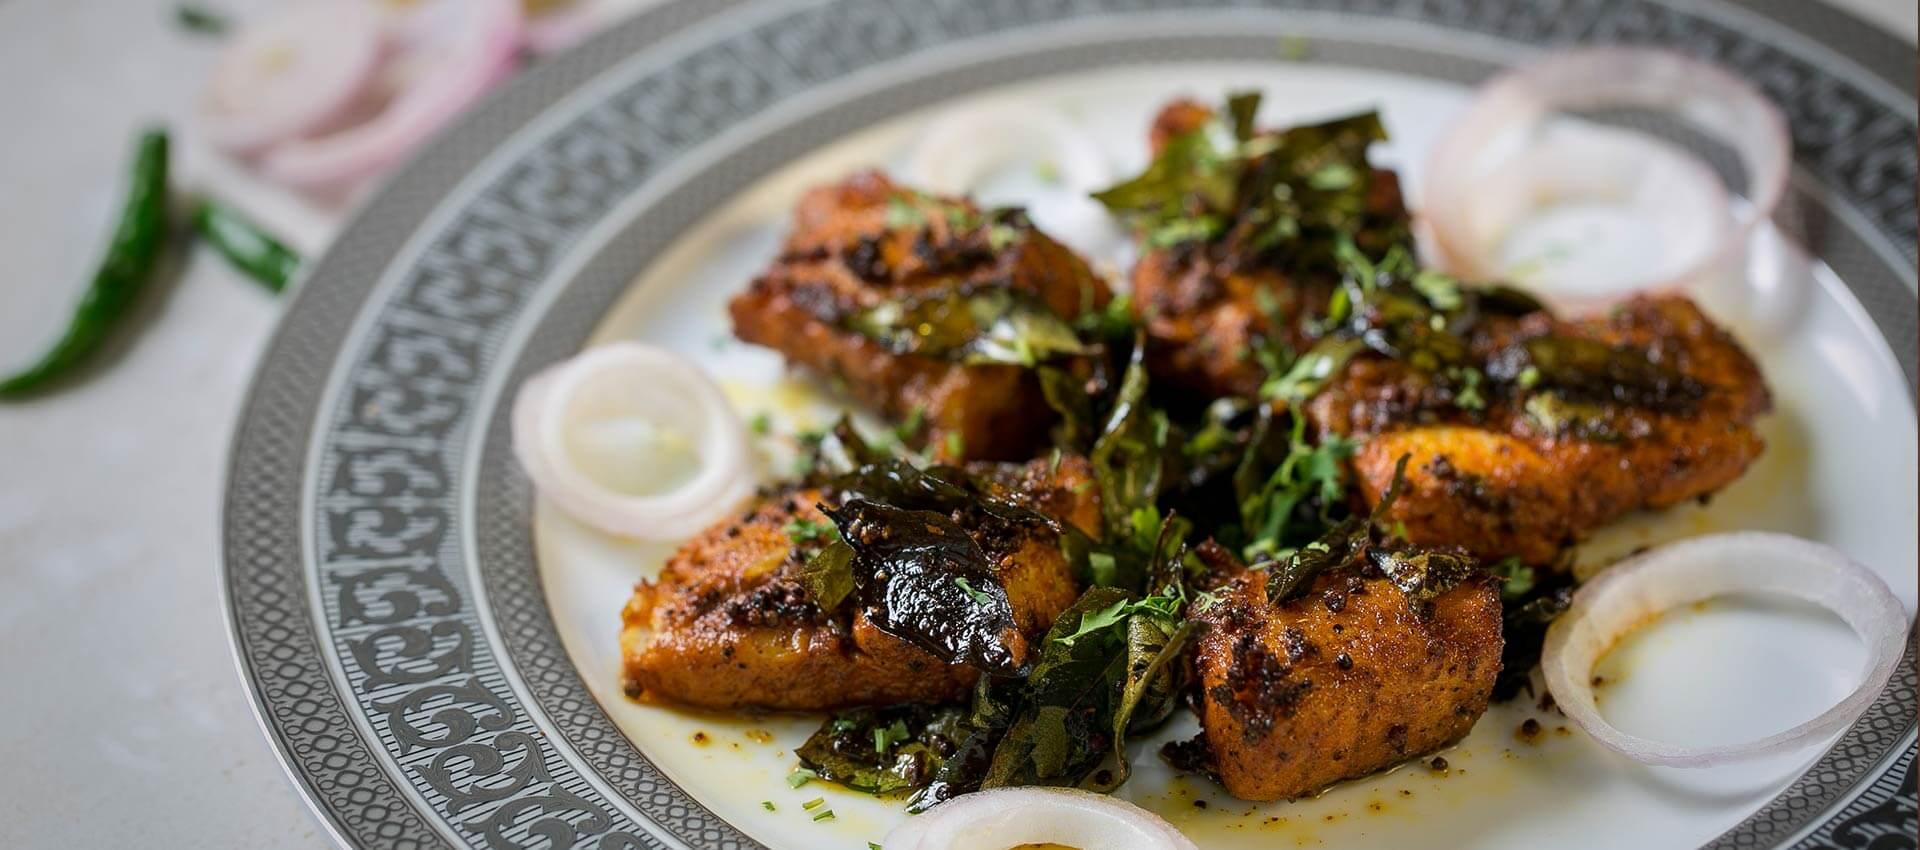 paneer dish at TFF